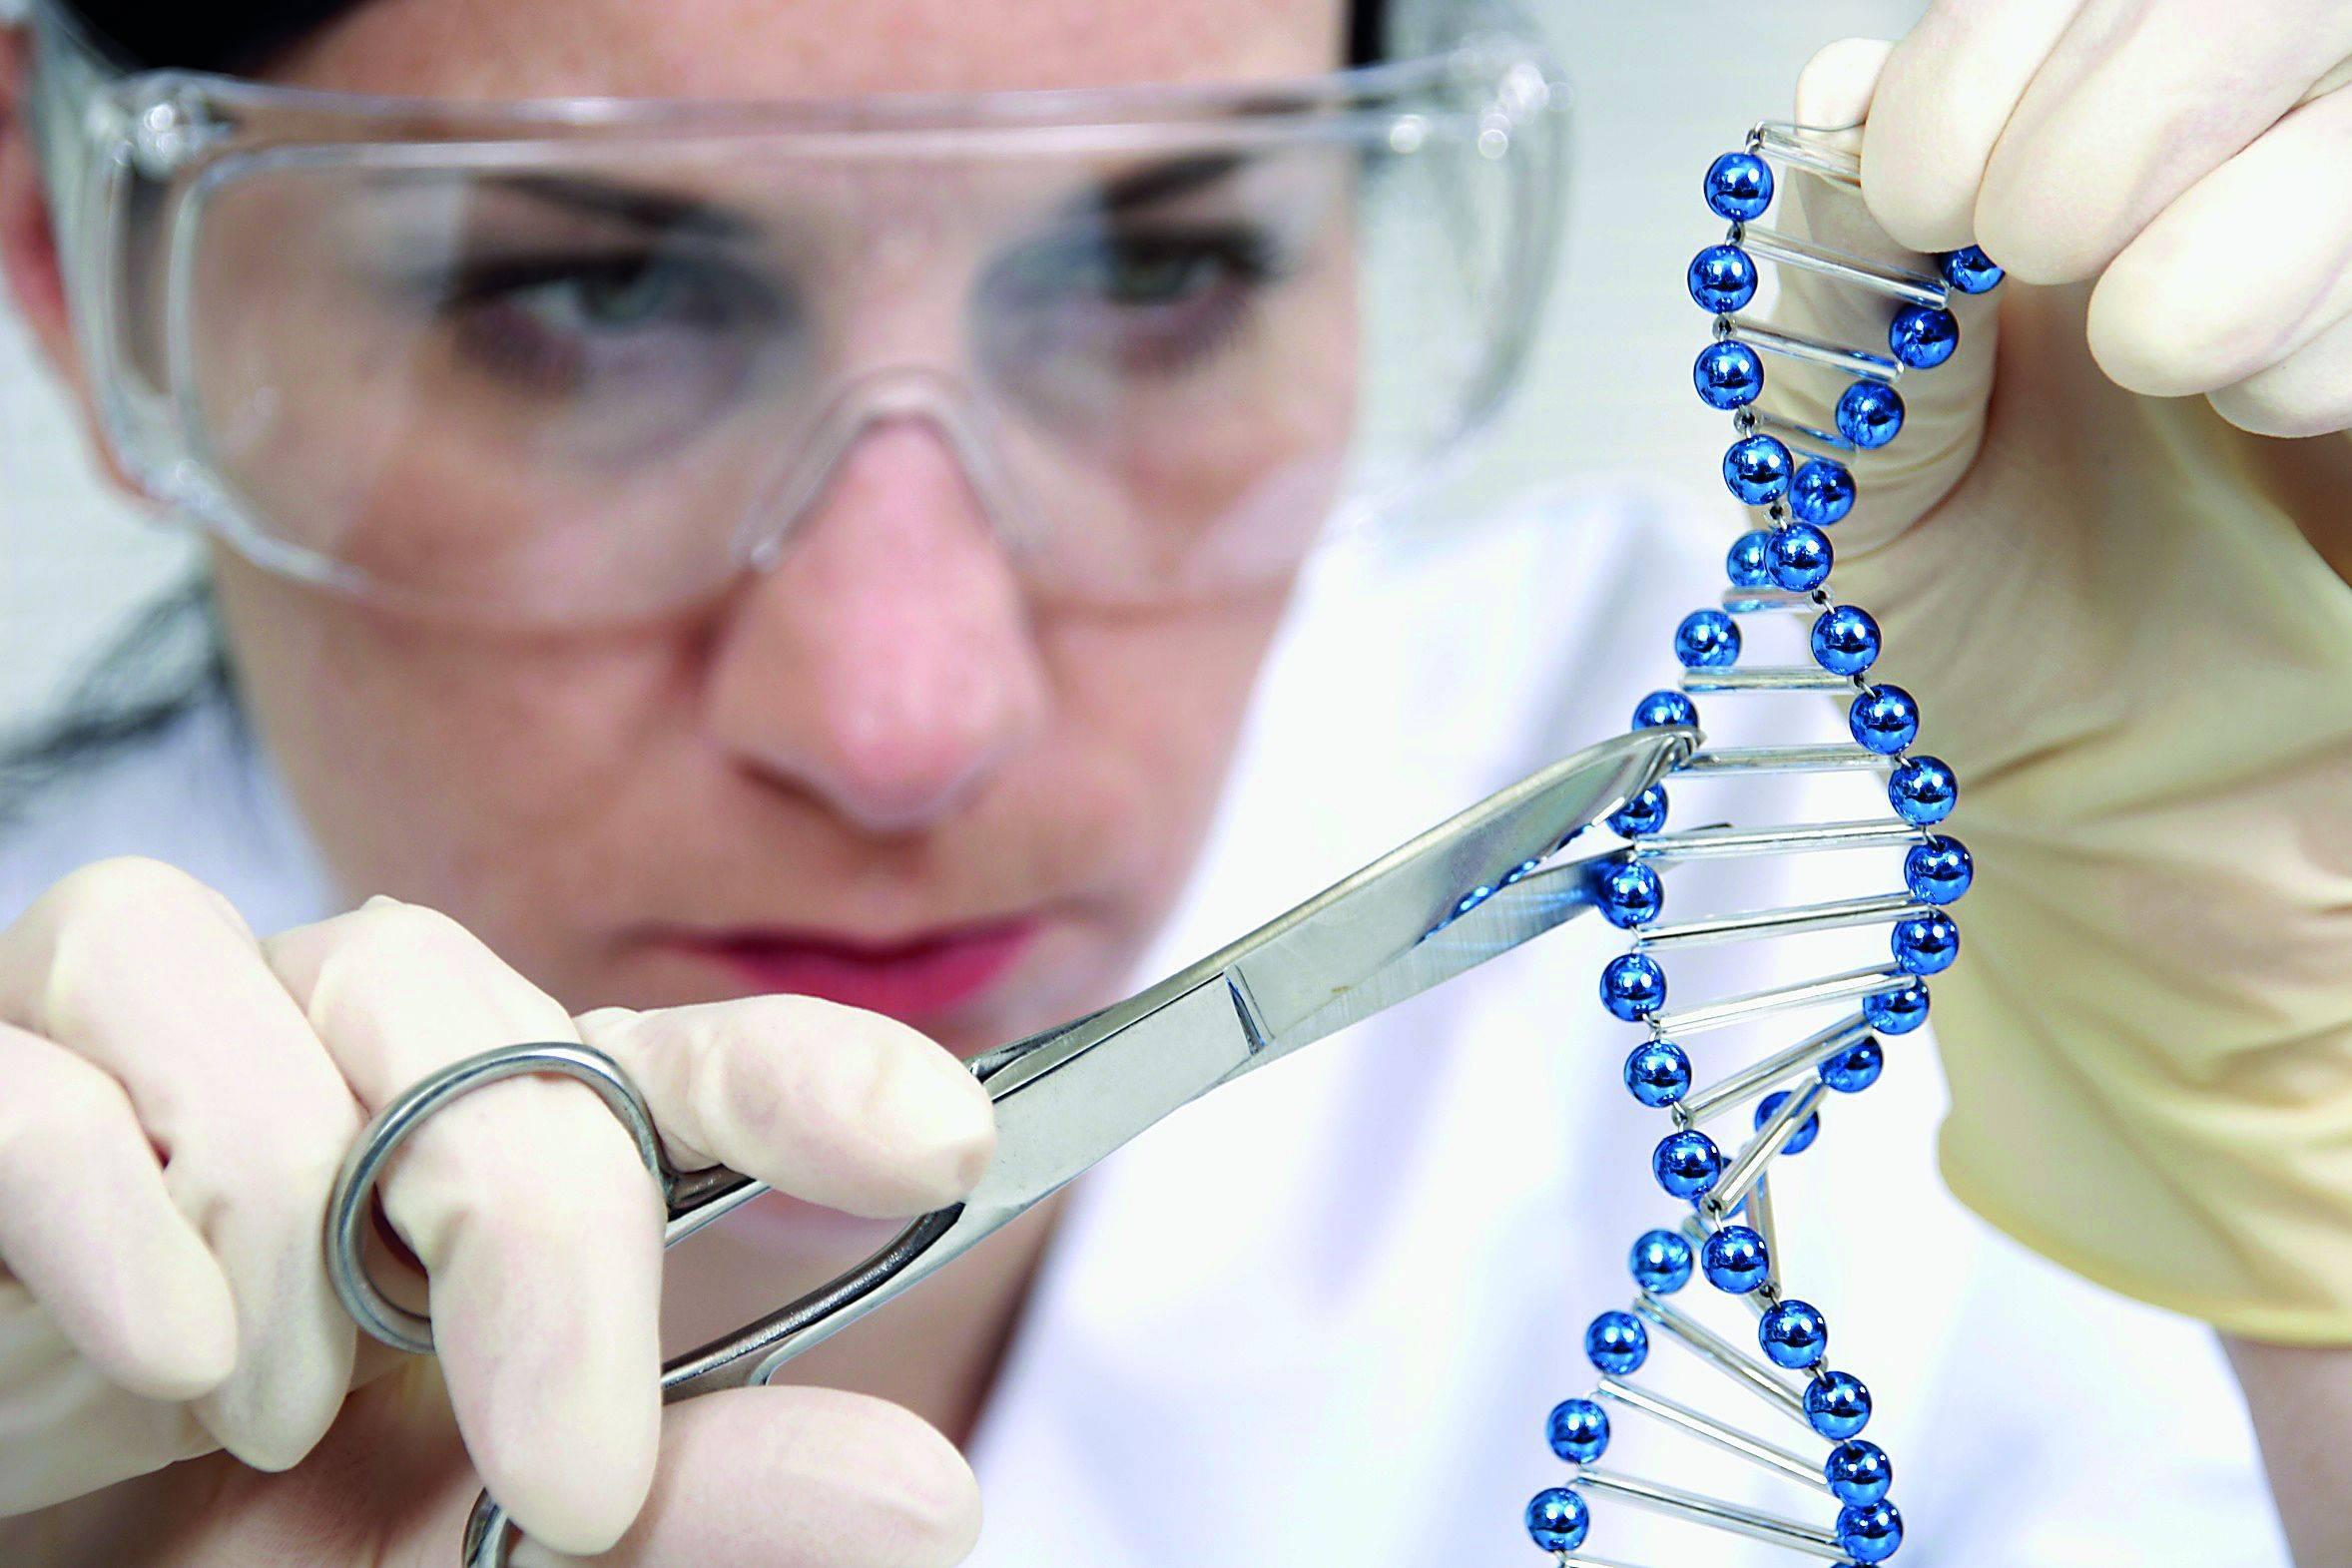 А теперь представим, что этой системе можно предложить любой фрагмент ДНК для поиска и уничтожения,